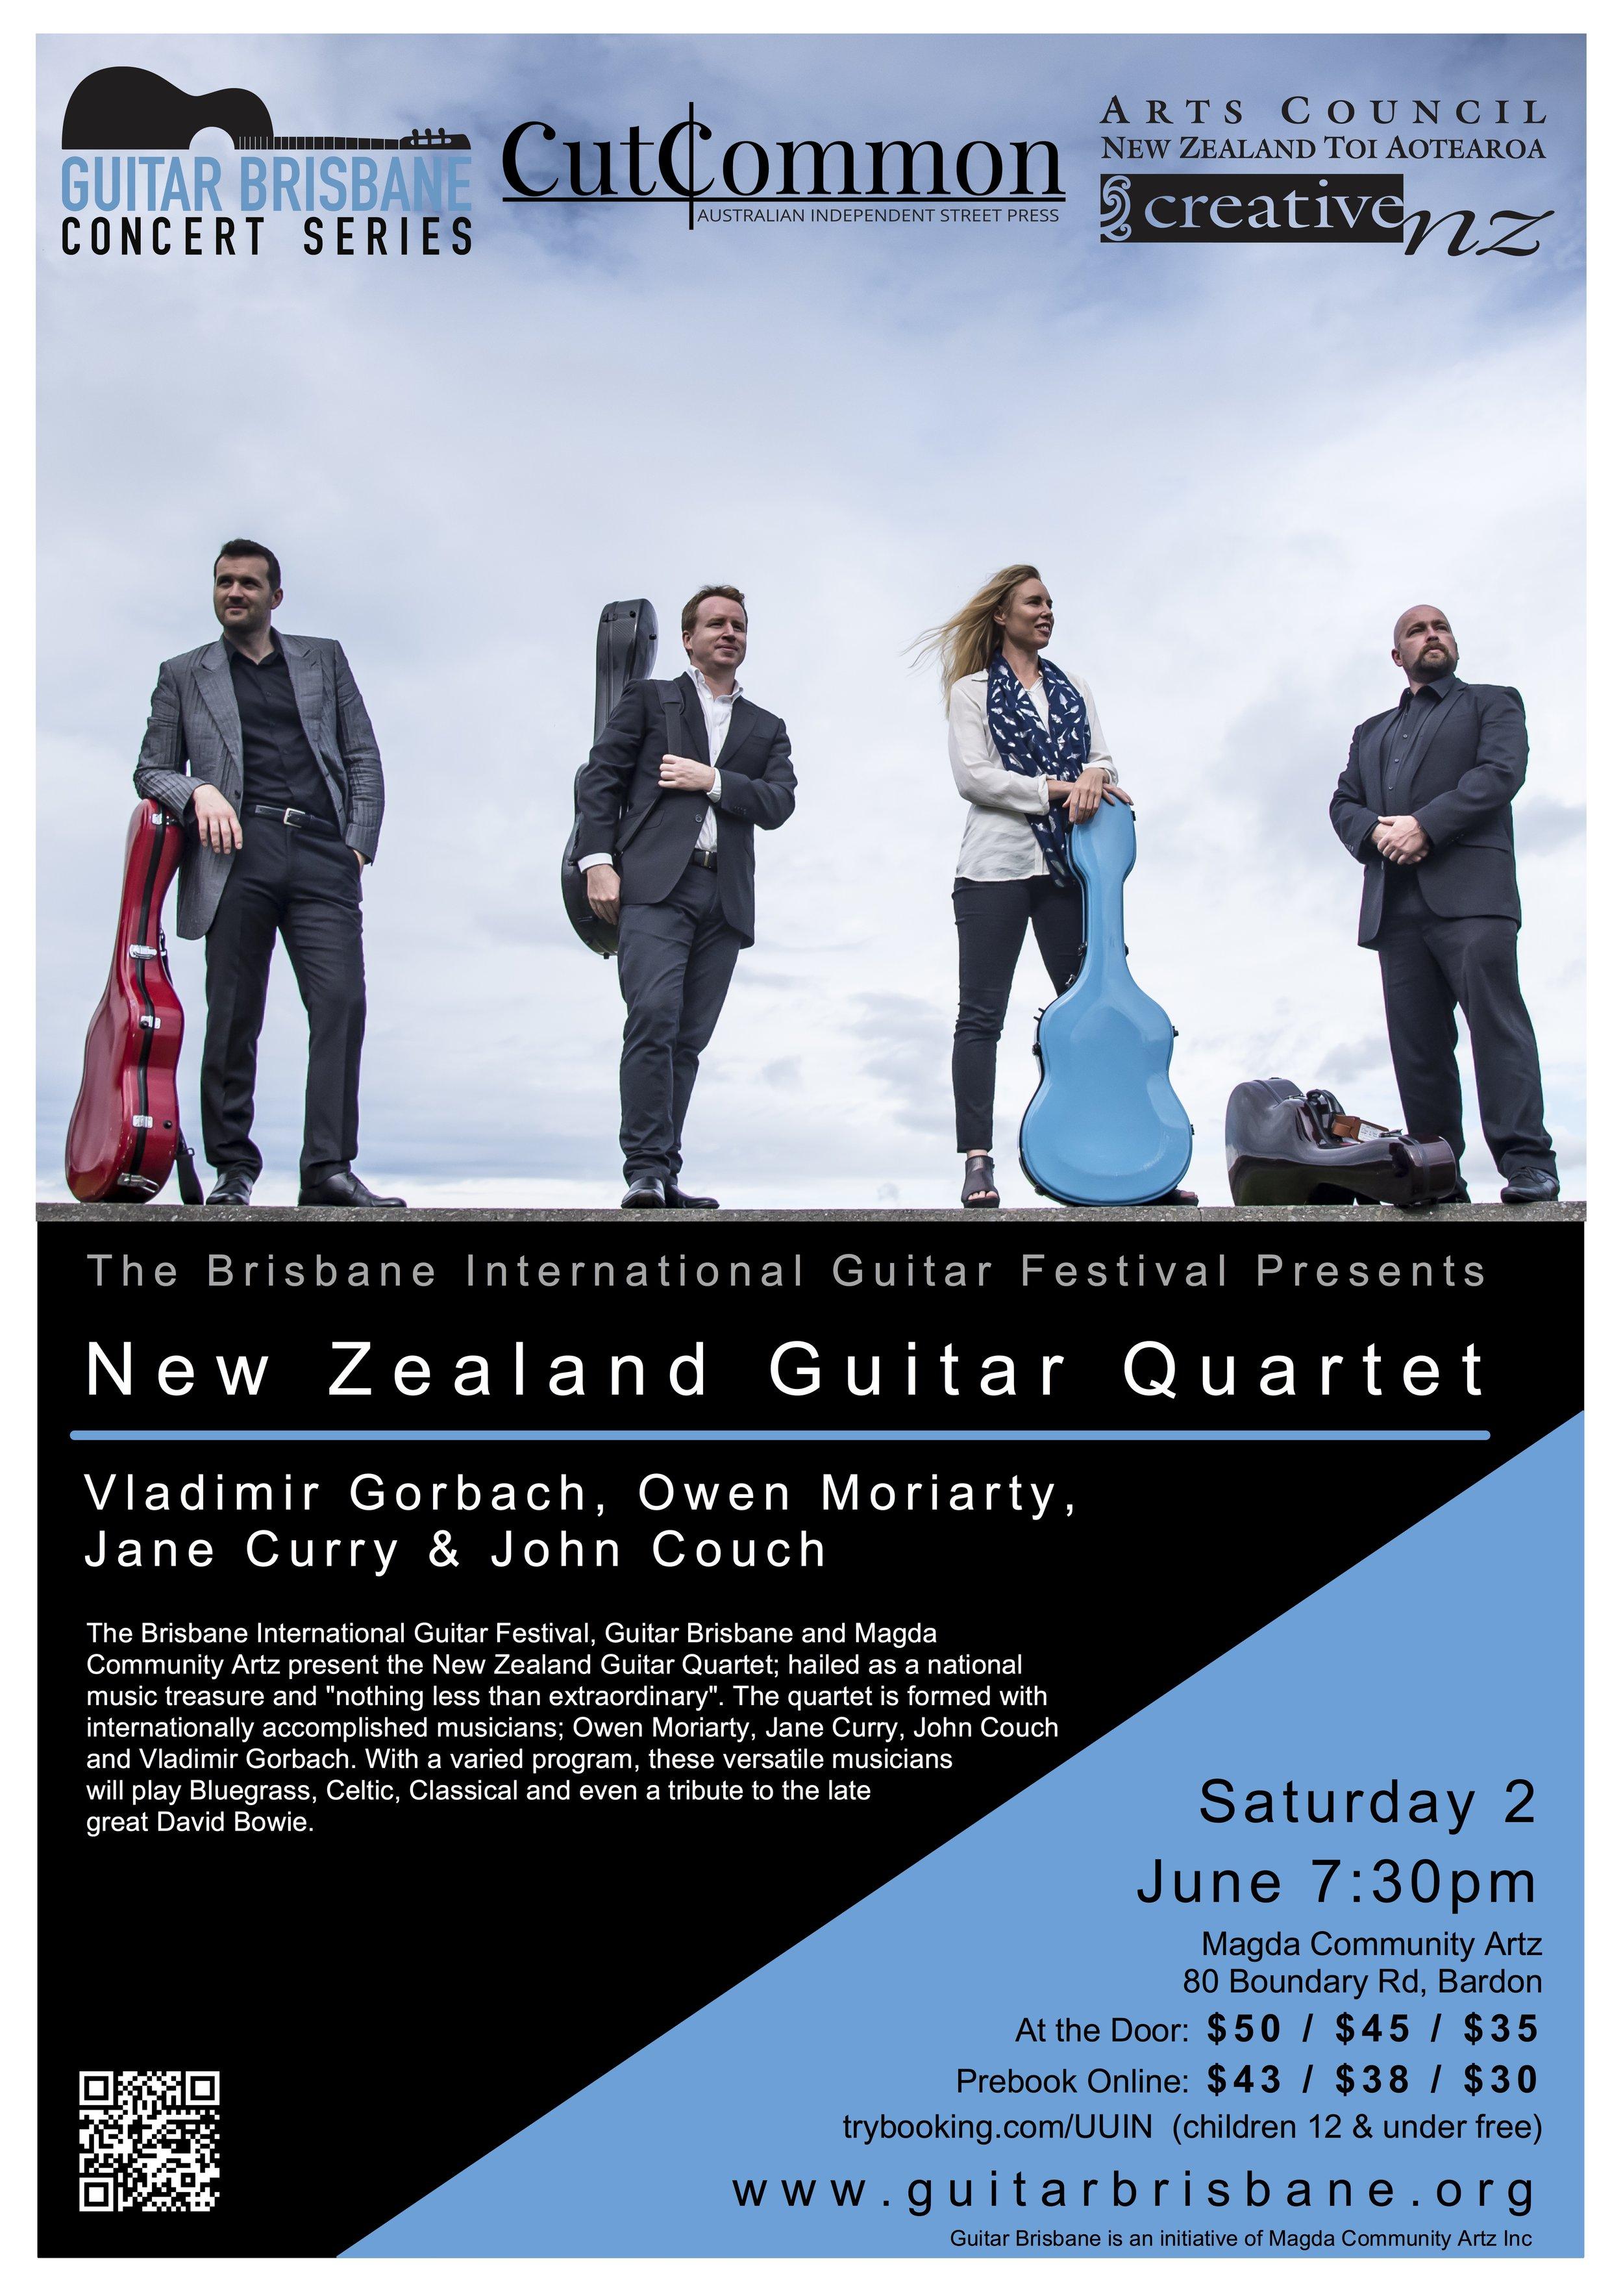 NZGQ A3 poster.jpg